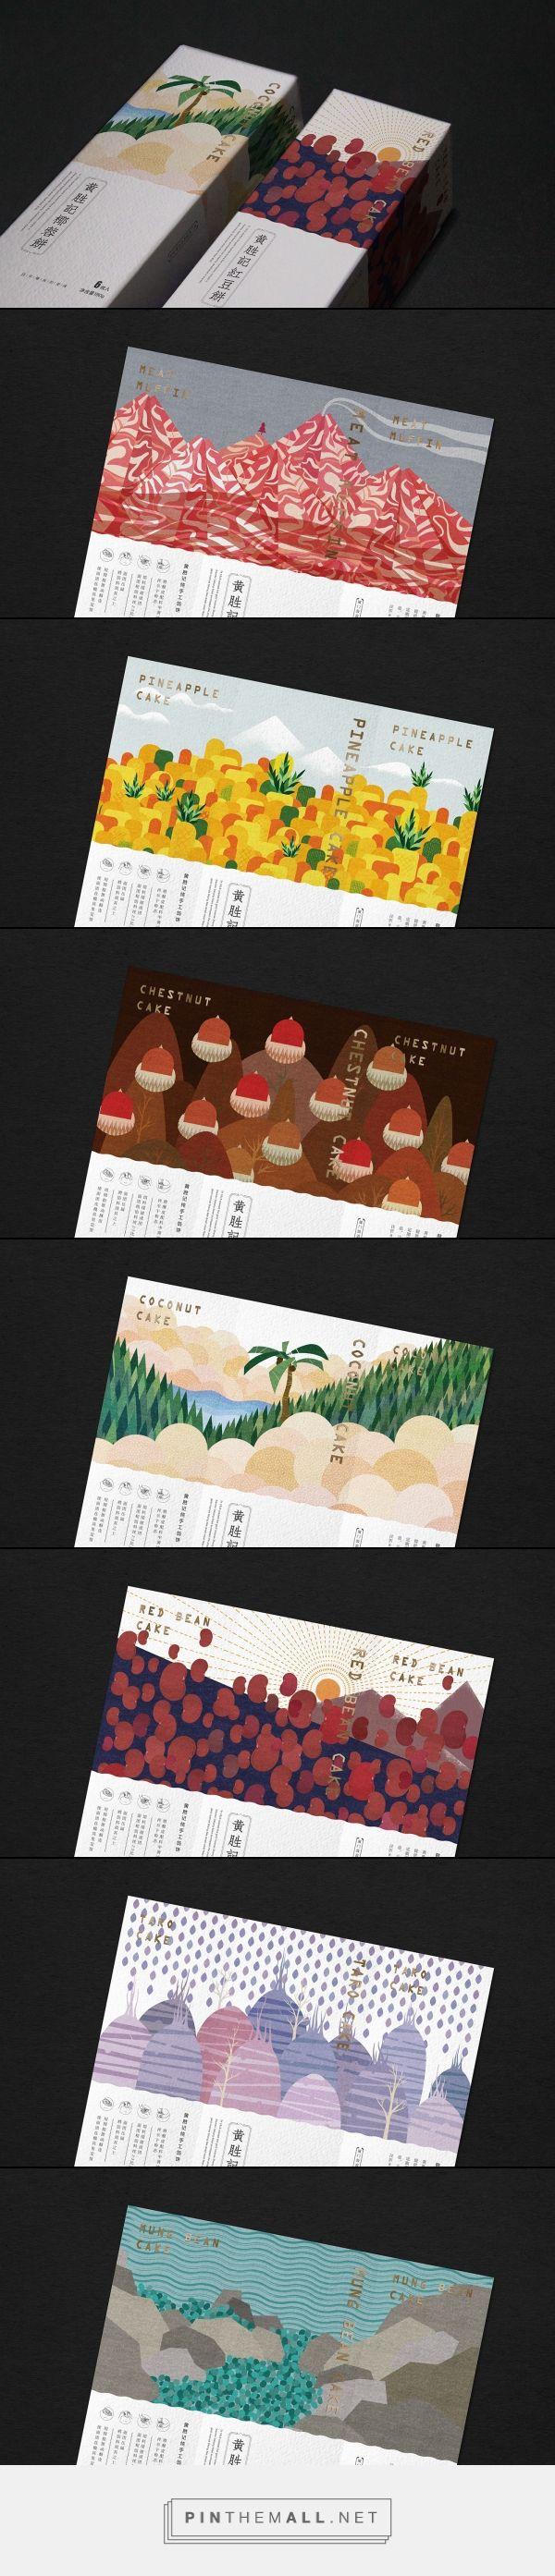 鼓浪嶼黃勝記伴手禮 酥饼系列 on Behance - created via https://pinthemall.net